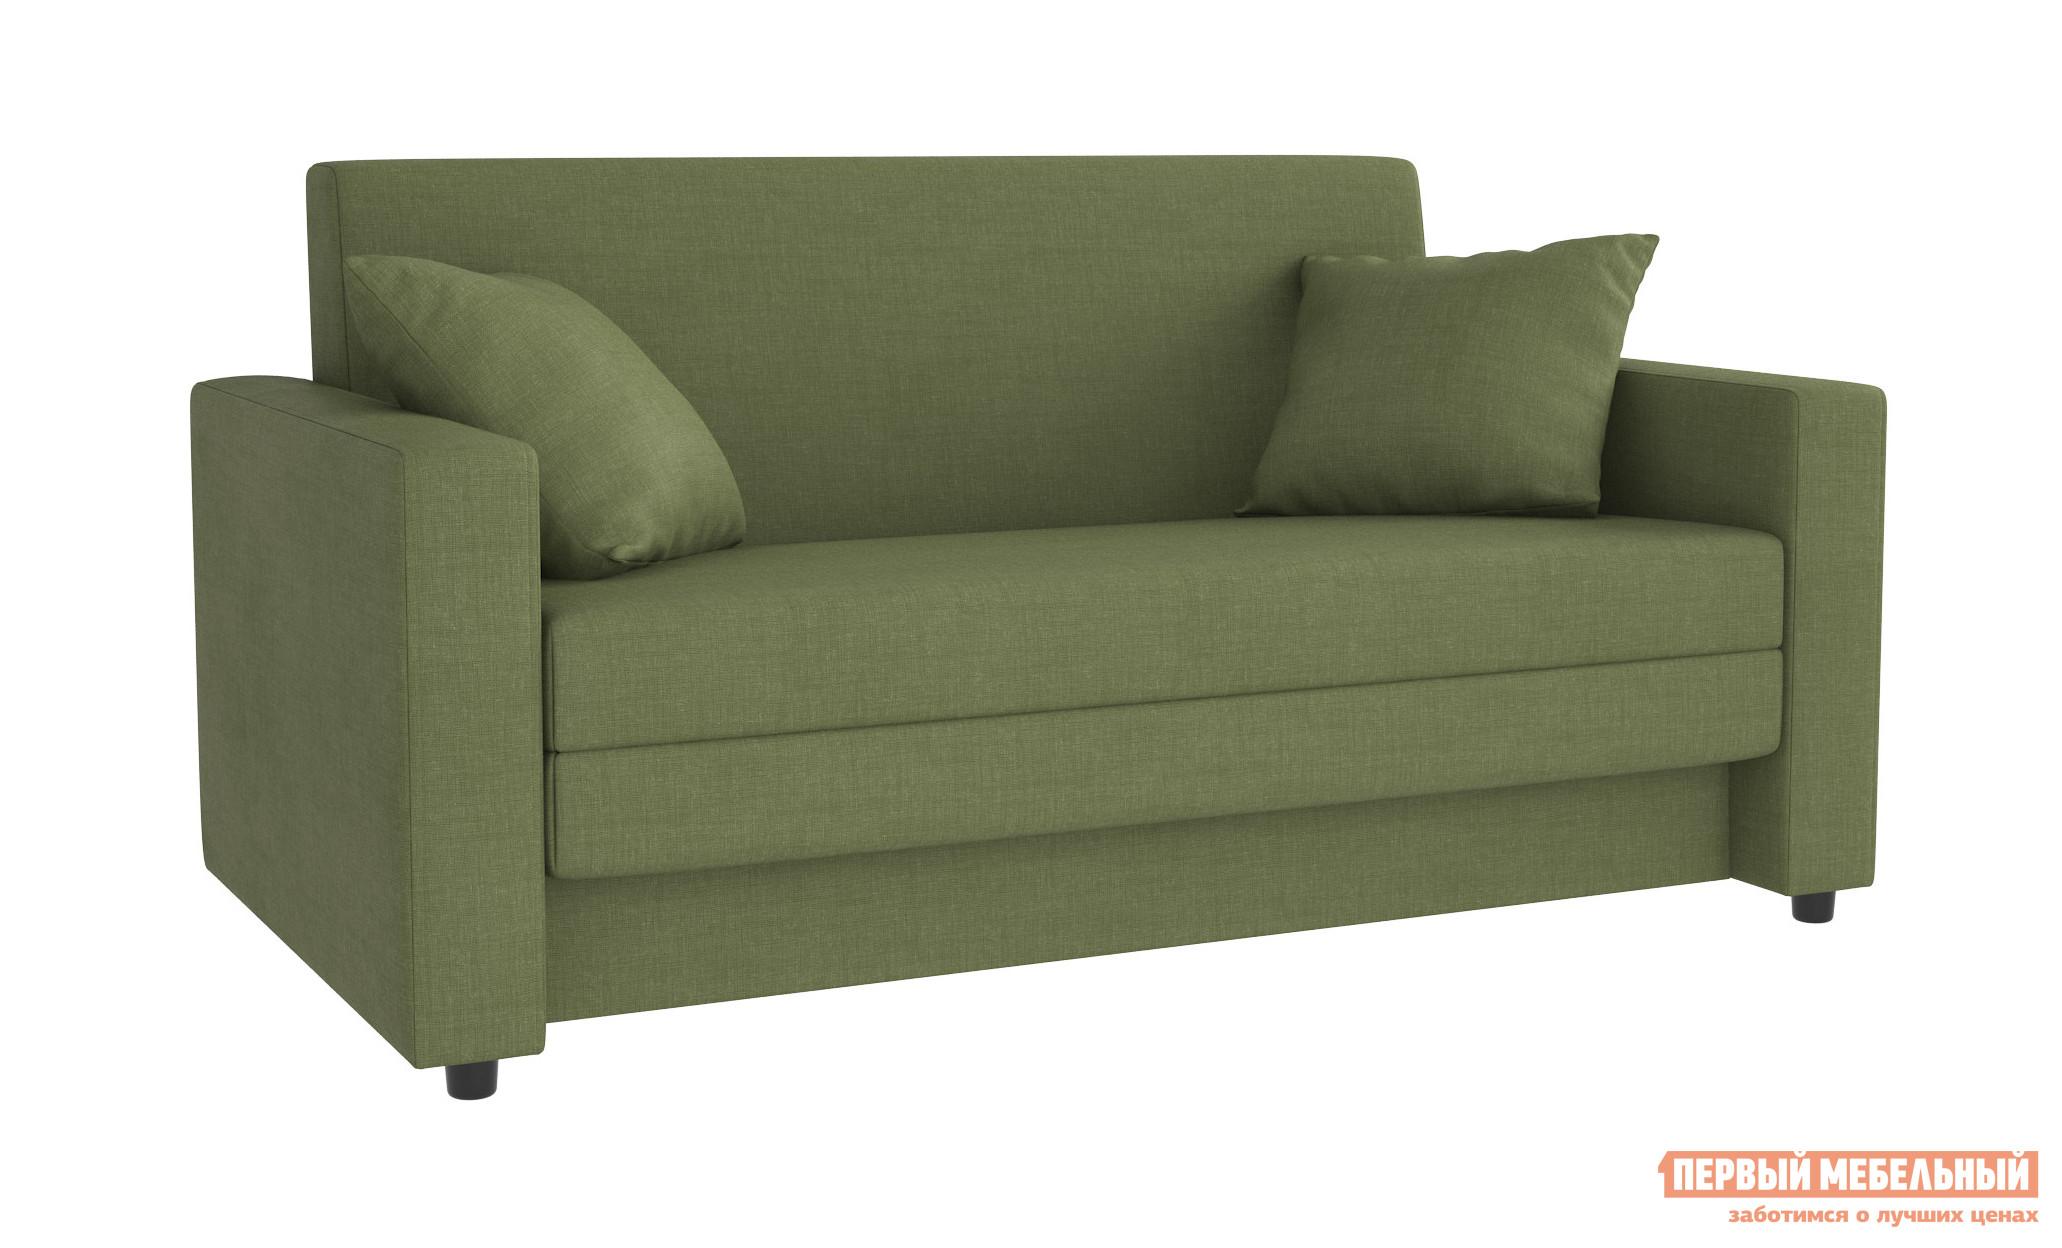 Диван Первый Мебельный Ганс Гринери, зеленая рогожка